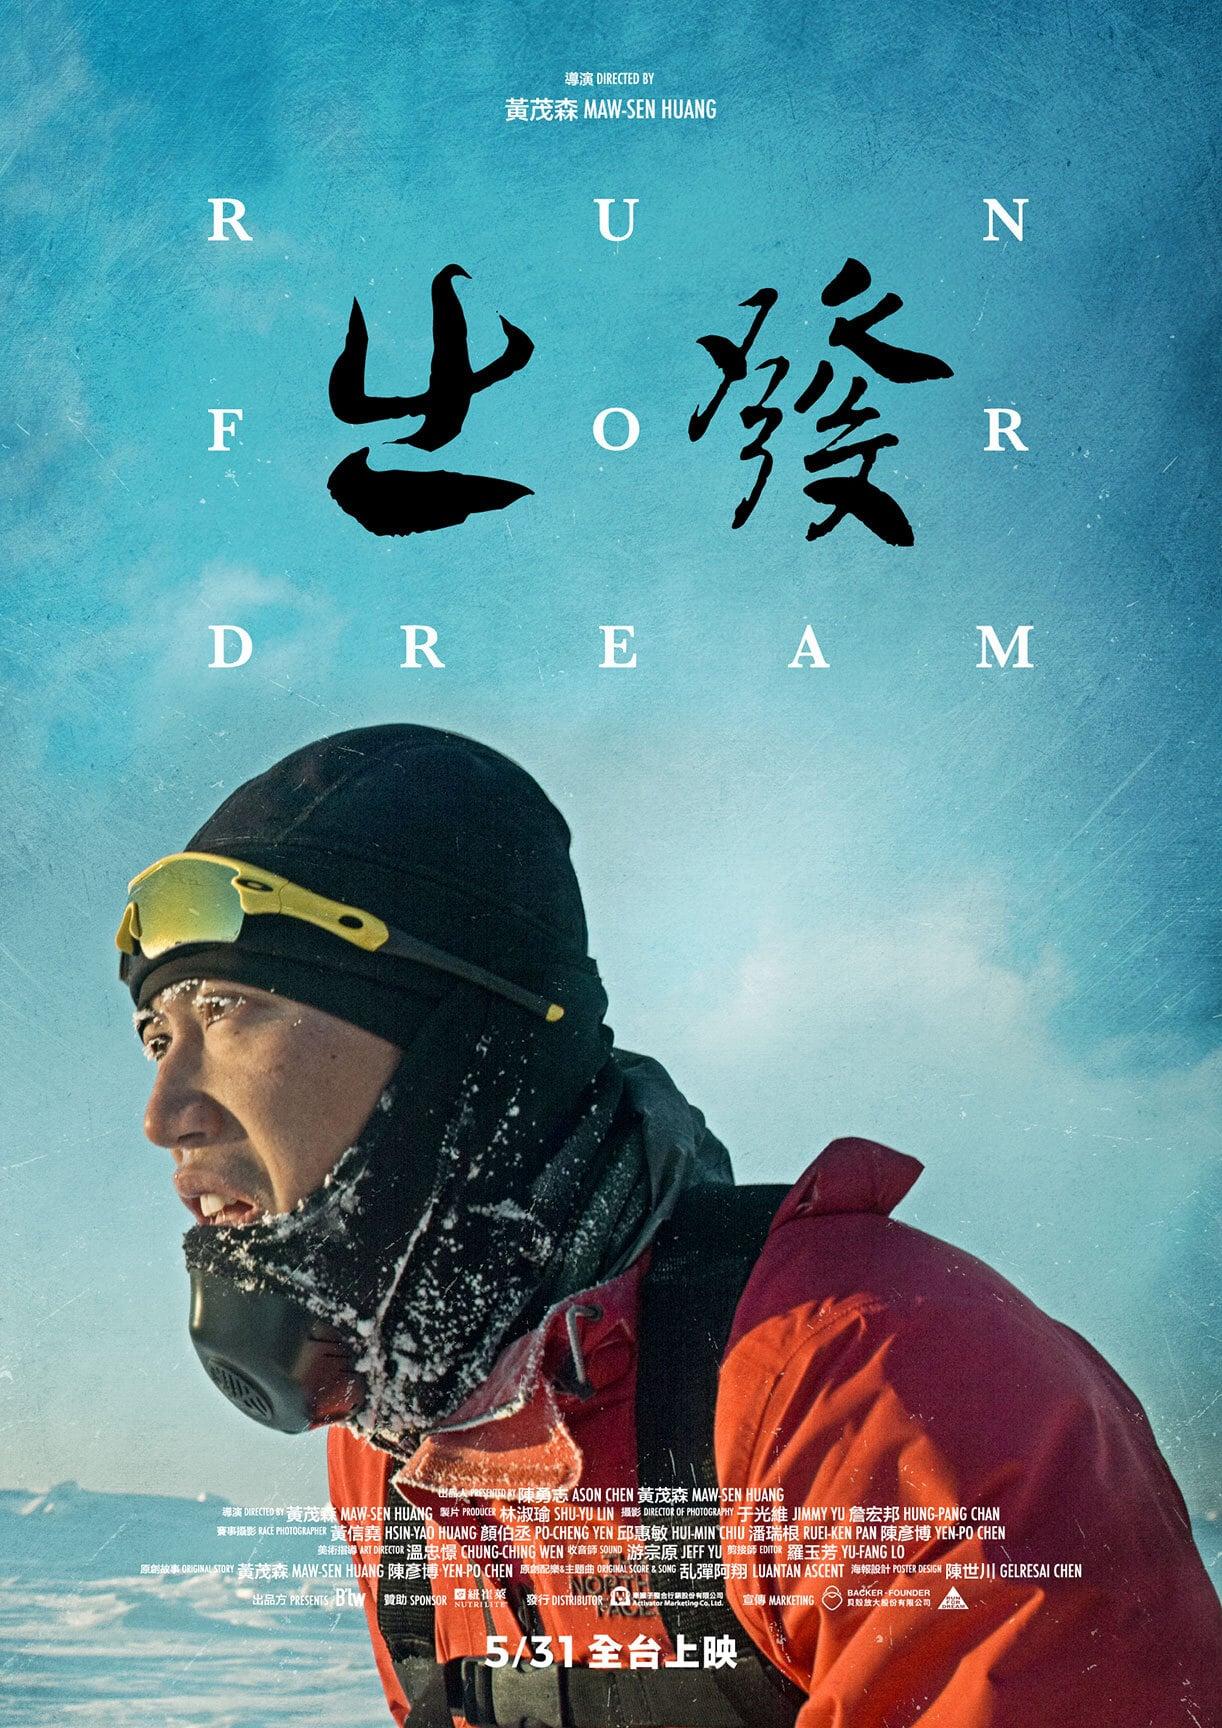 دانلود فیلمRun for dream 2019 با دوبله فارسی